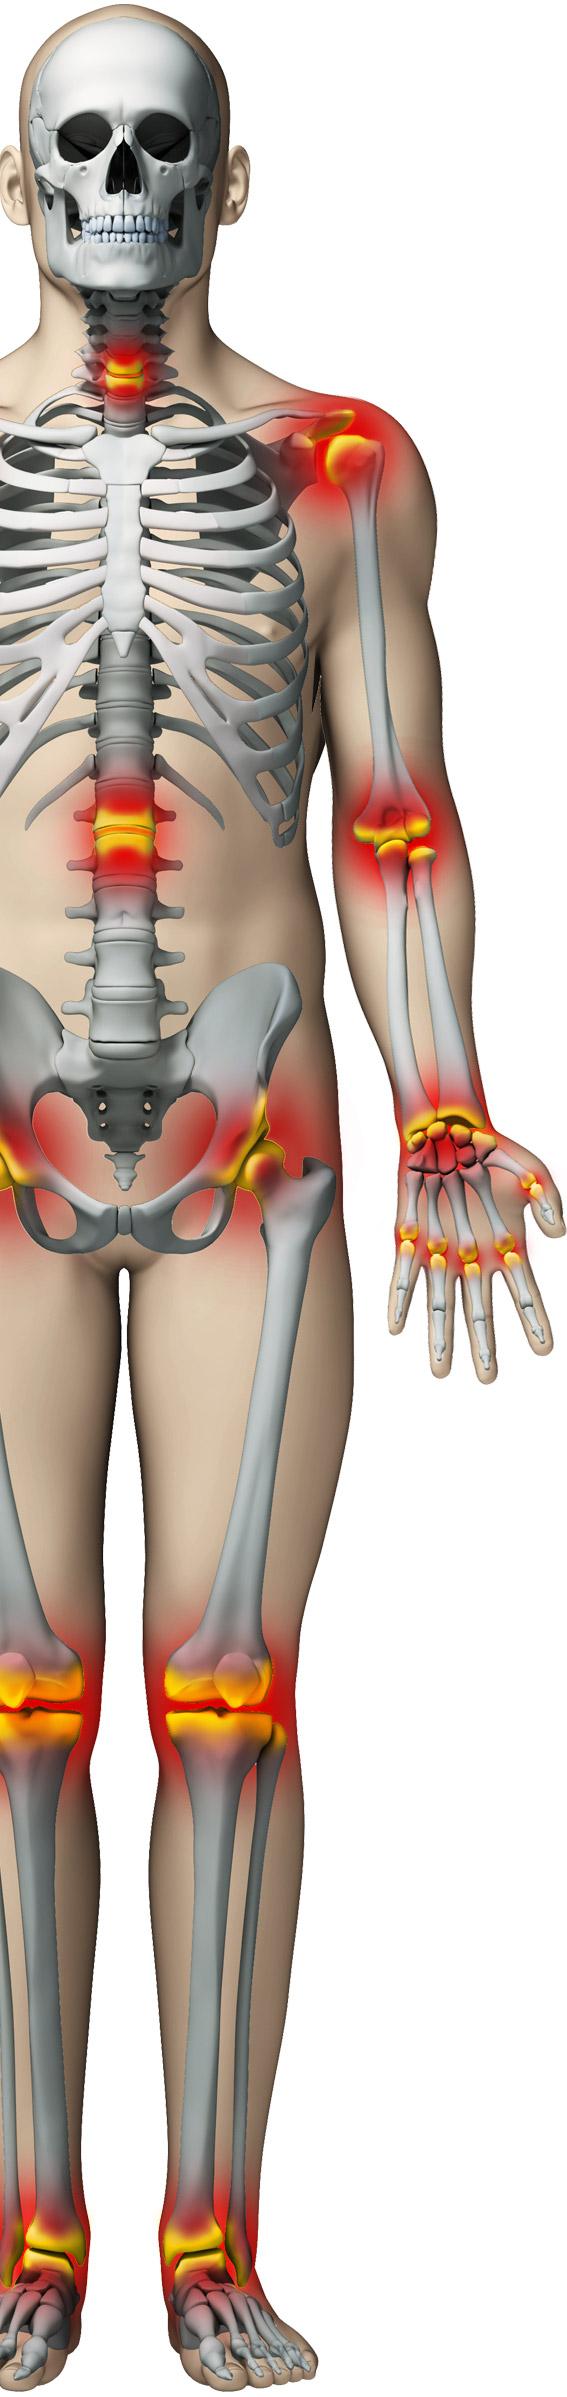 articulațiile doare la persoanele în vârstă în tratamentul articulației Ivanovo